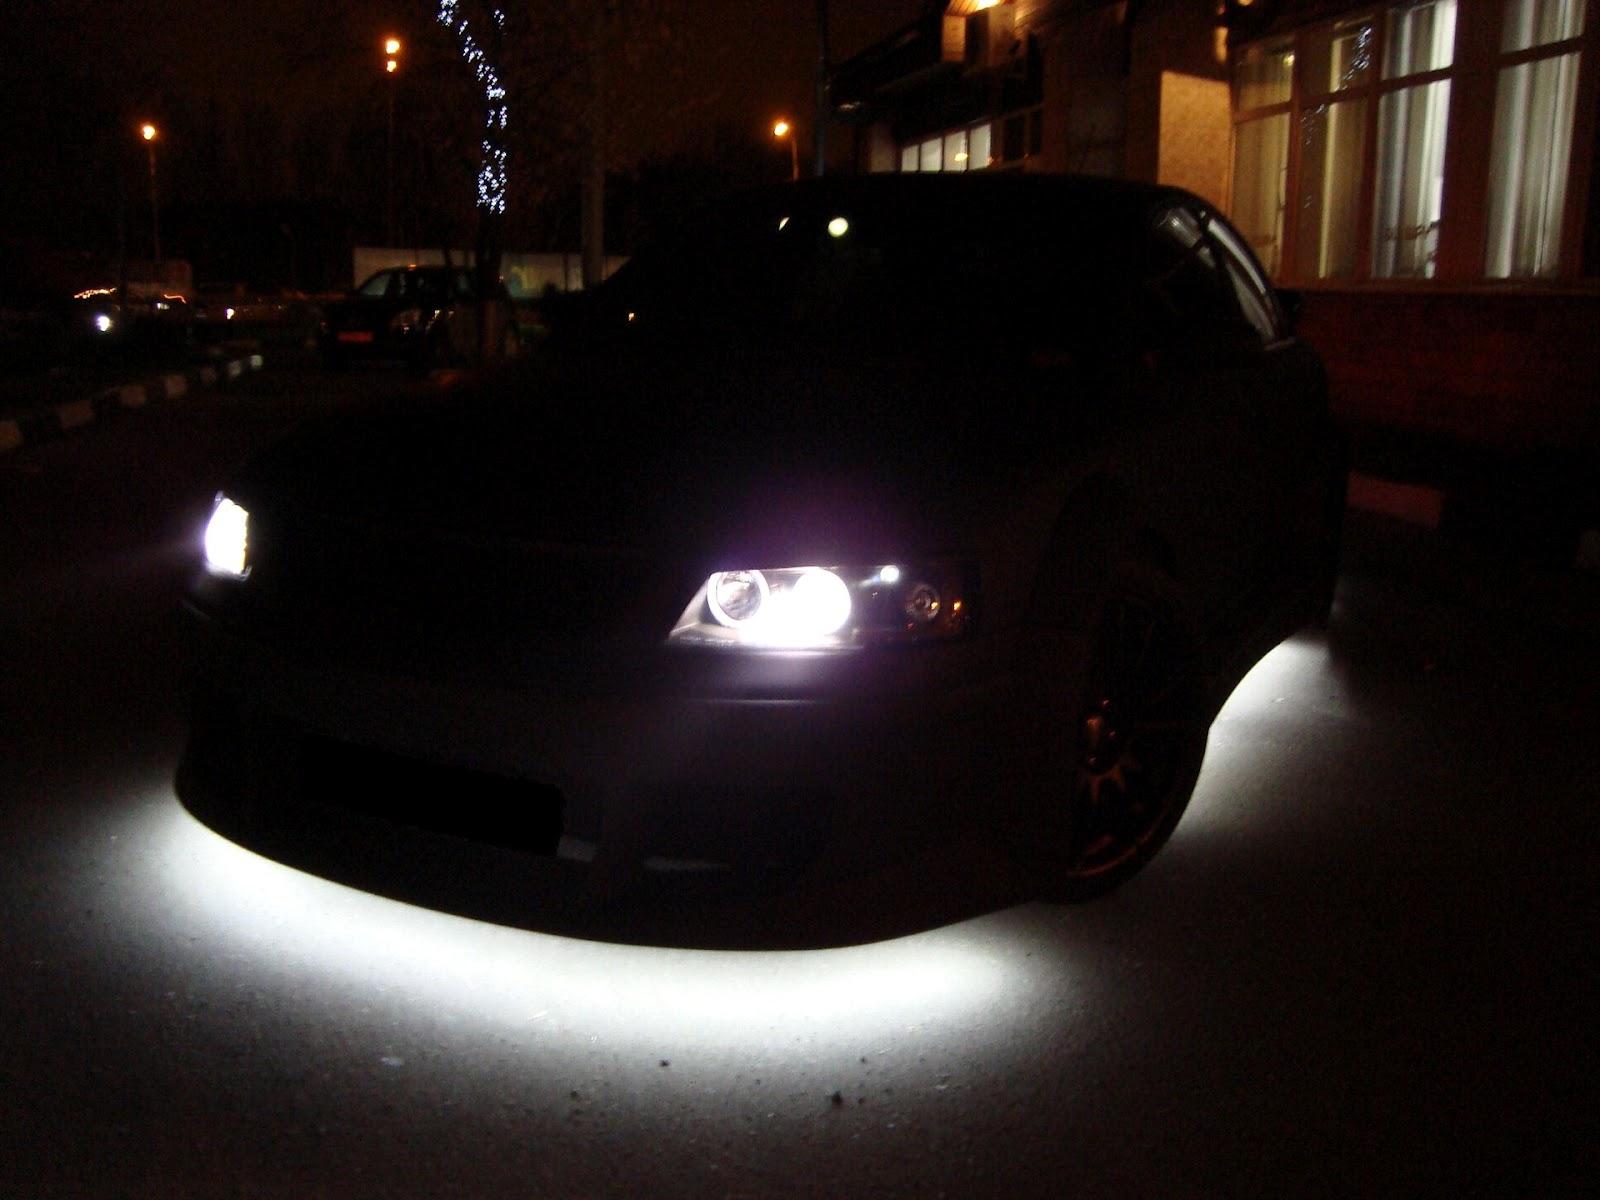 Светодиодная подсветка для машины своими руками